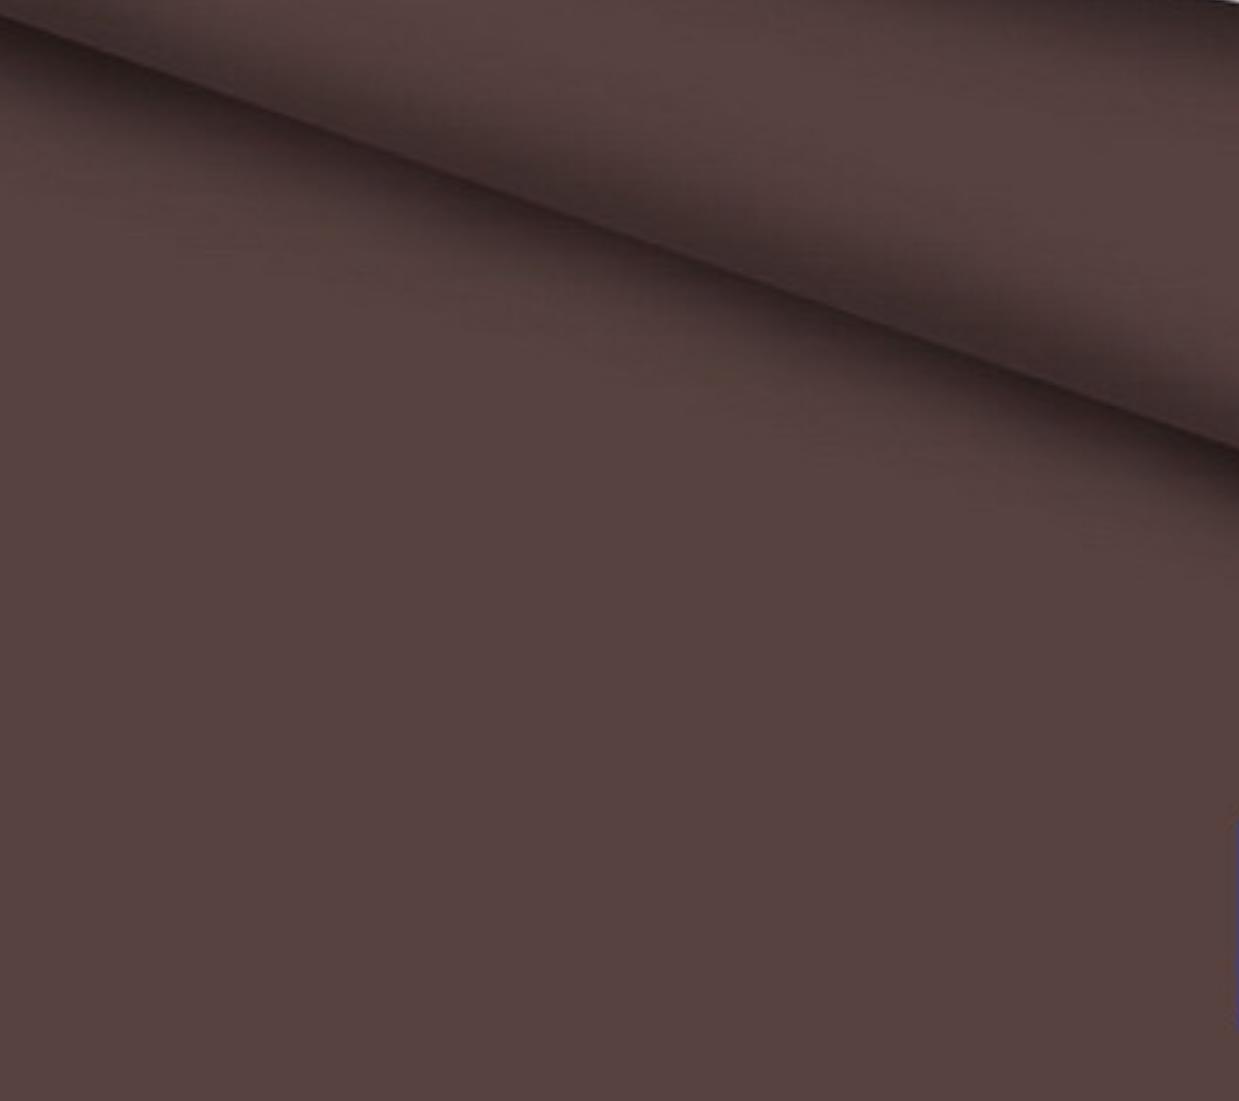 Хлопковая ткань бязь однотонная коричневая шир. 2,2 м №401